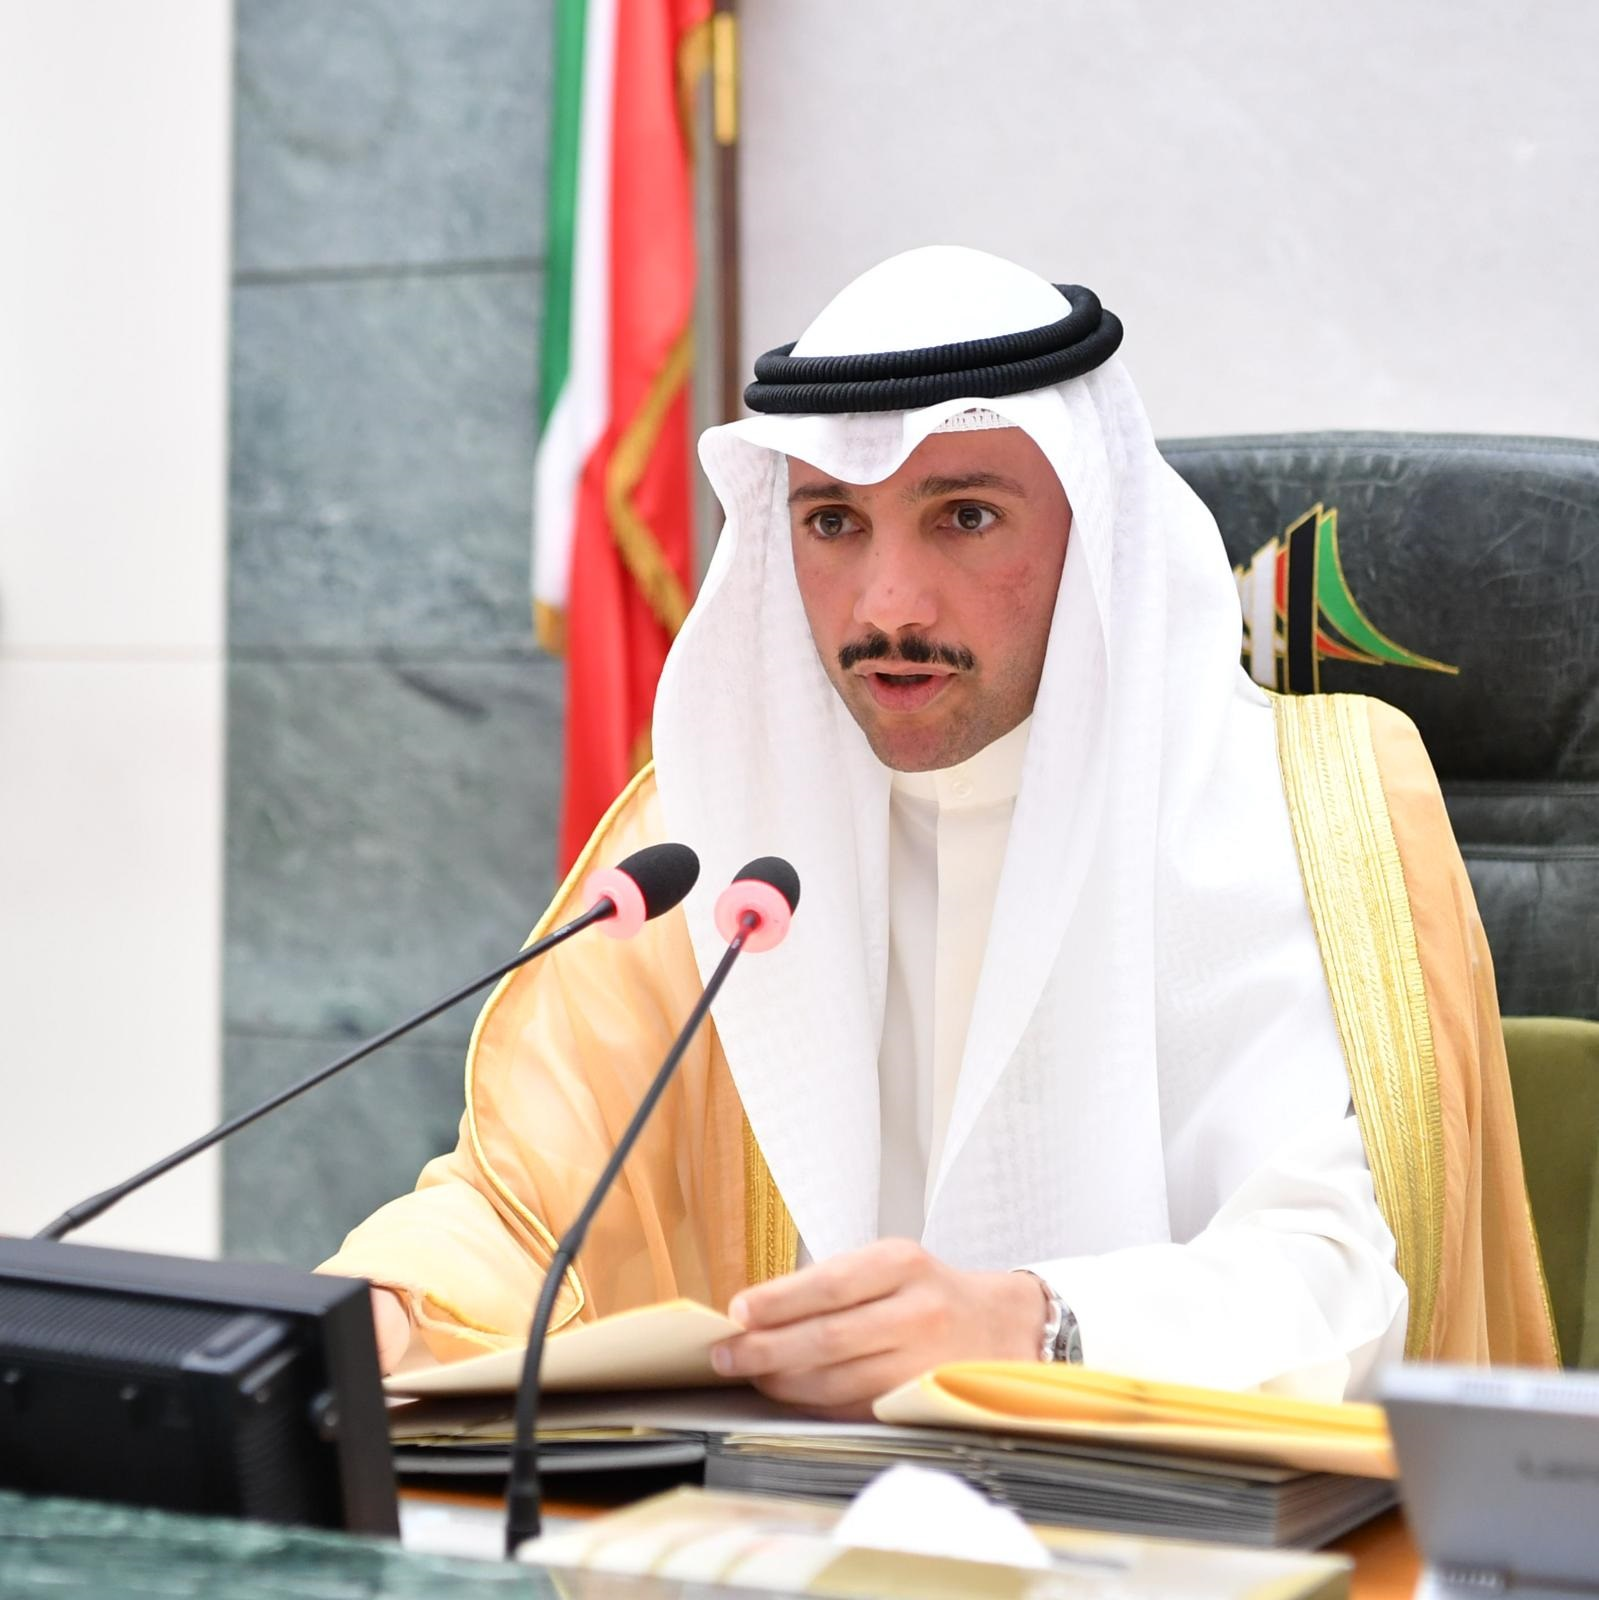 رئيس البرلمان الكويتي الغانم: الأوضاع بالمنطقة ليست مطمئنة ونستعد لحالة حرب